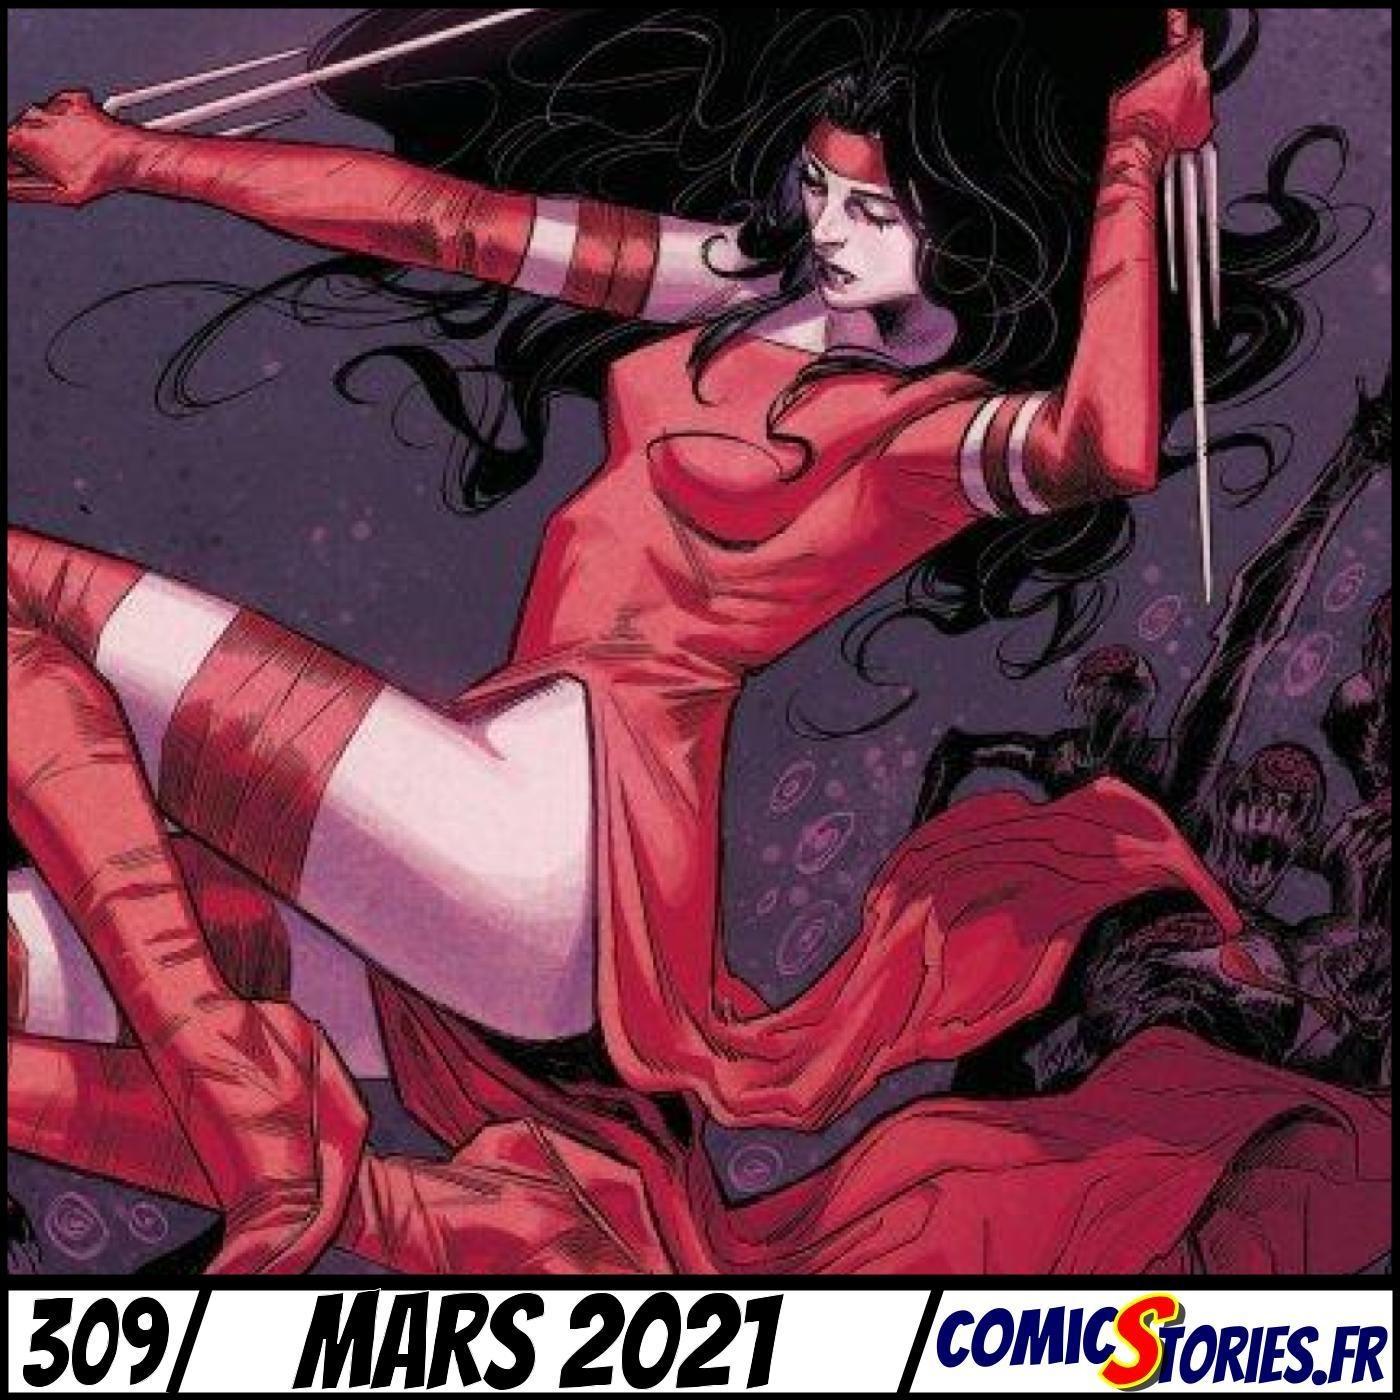 ComicStories #309 - Mars 2021